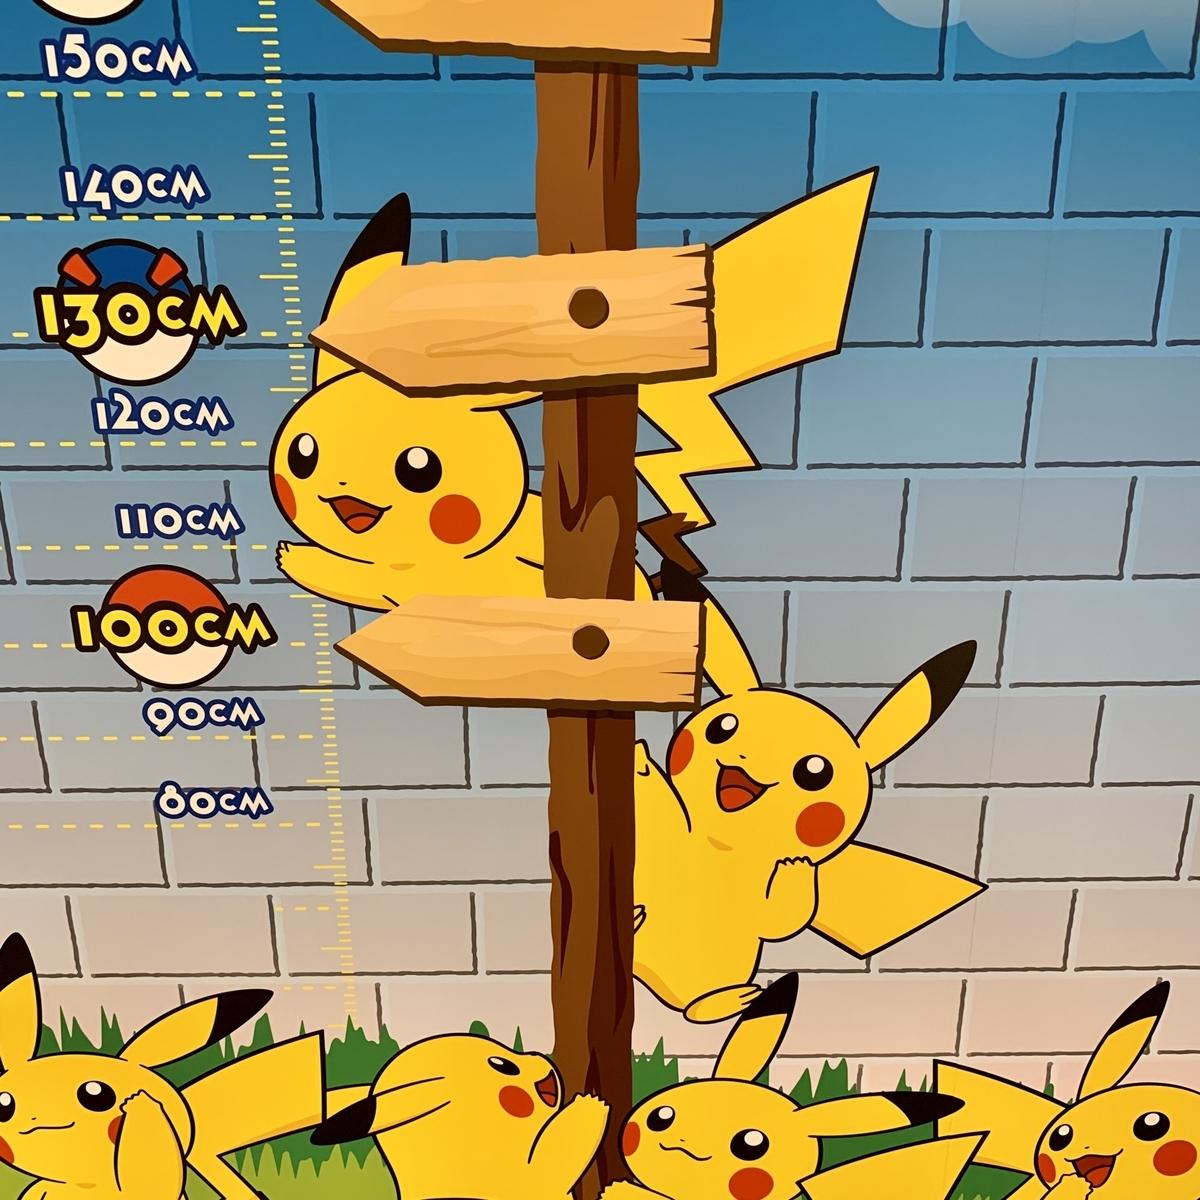 f:id:pikachu_pcn:20200606185247j:plain